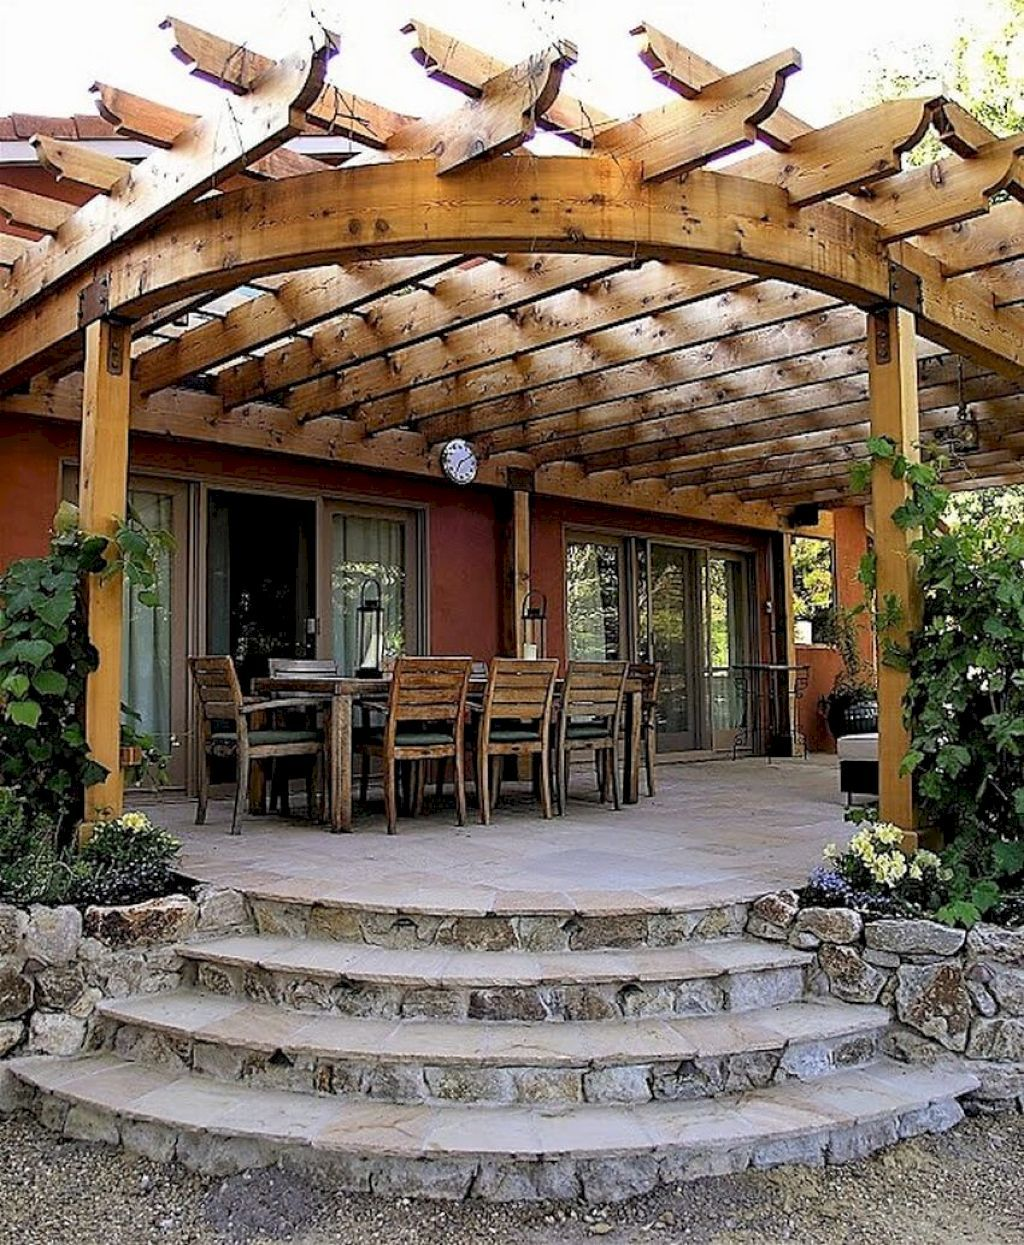 Awesome Home Deck Designs: 65 Backyard Pergola Decor Ideas On A Budget